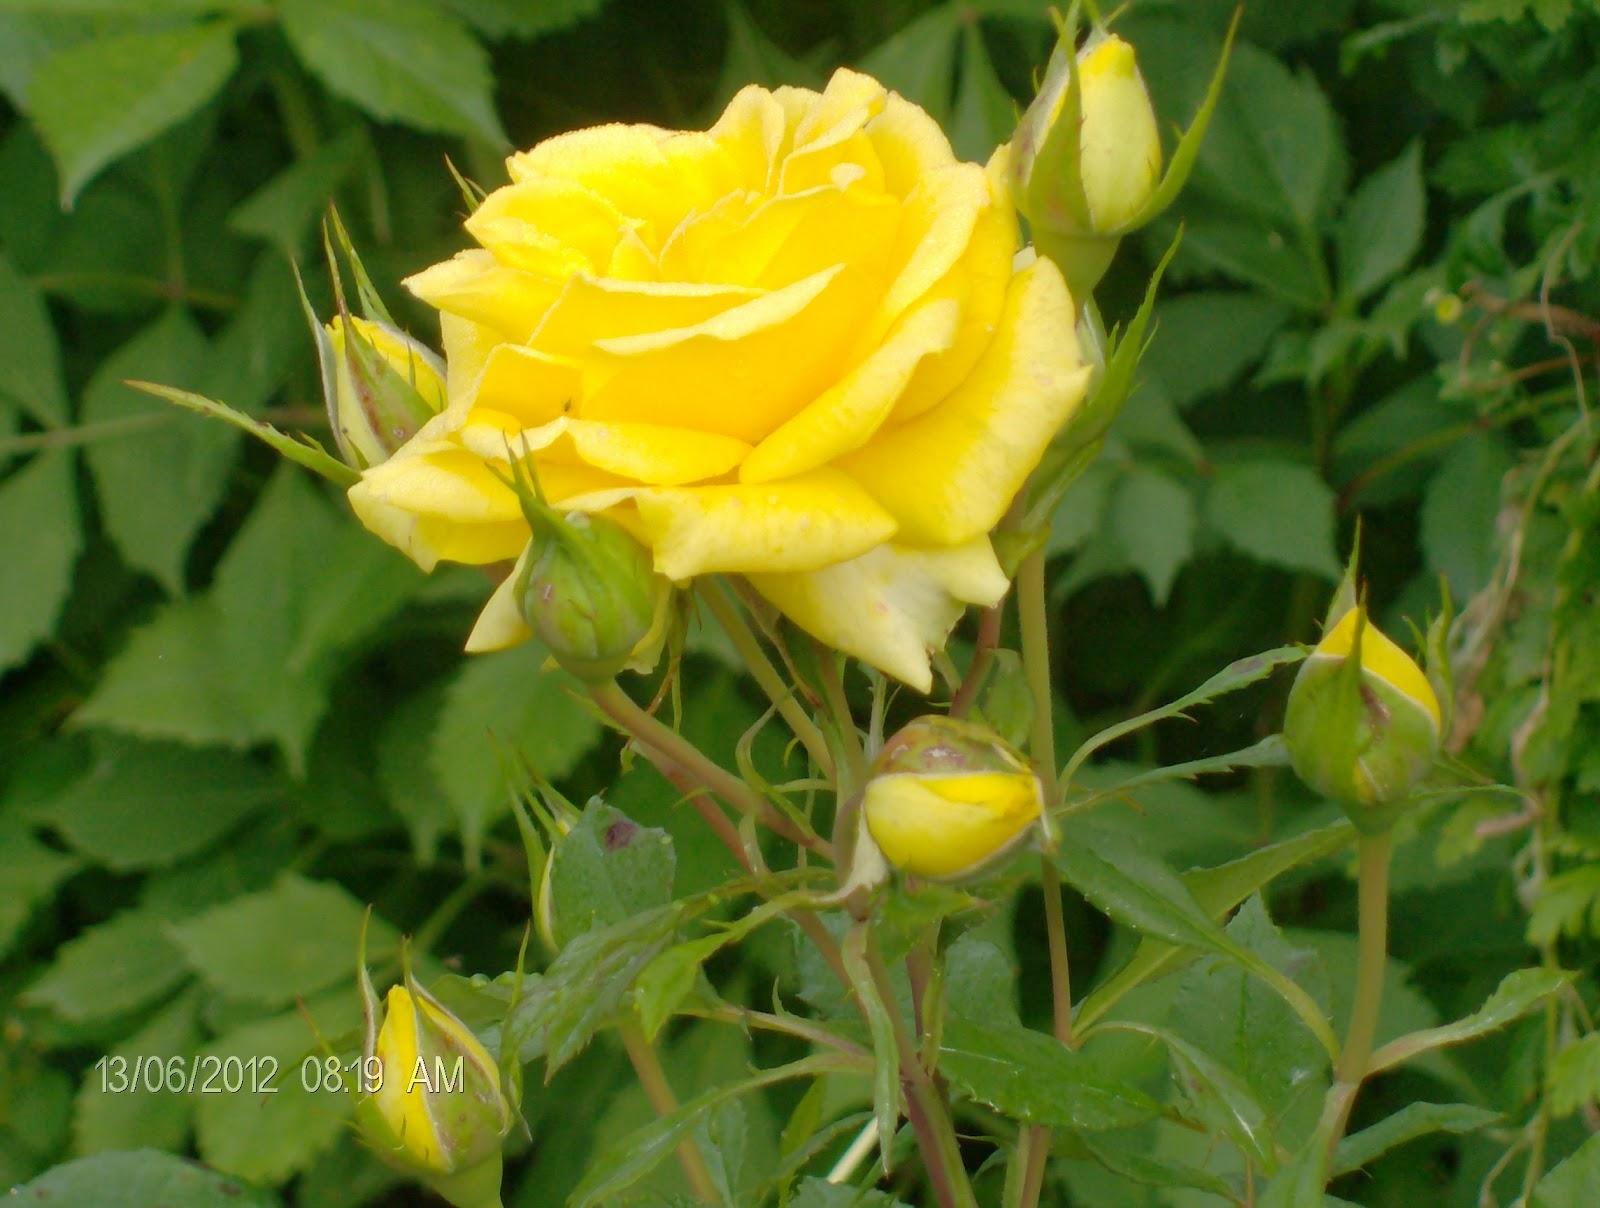 cultivo rosas jardim:, as rosas pertencem à familia Rosaceae e ao género Rosa